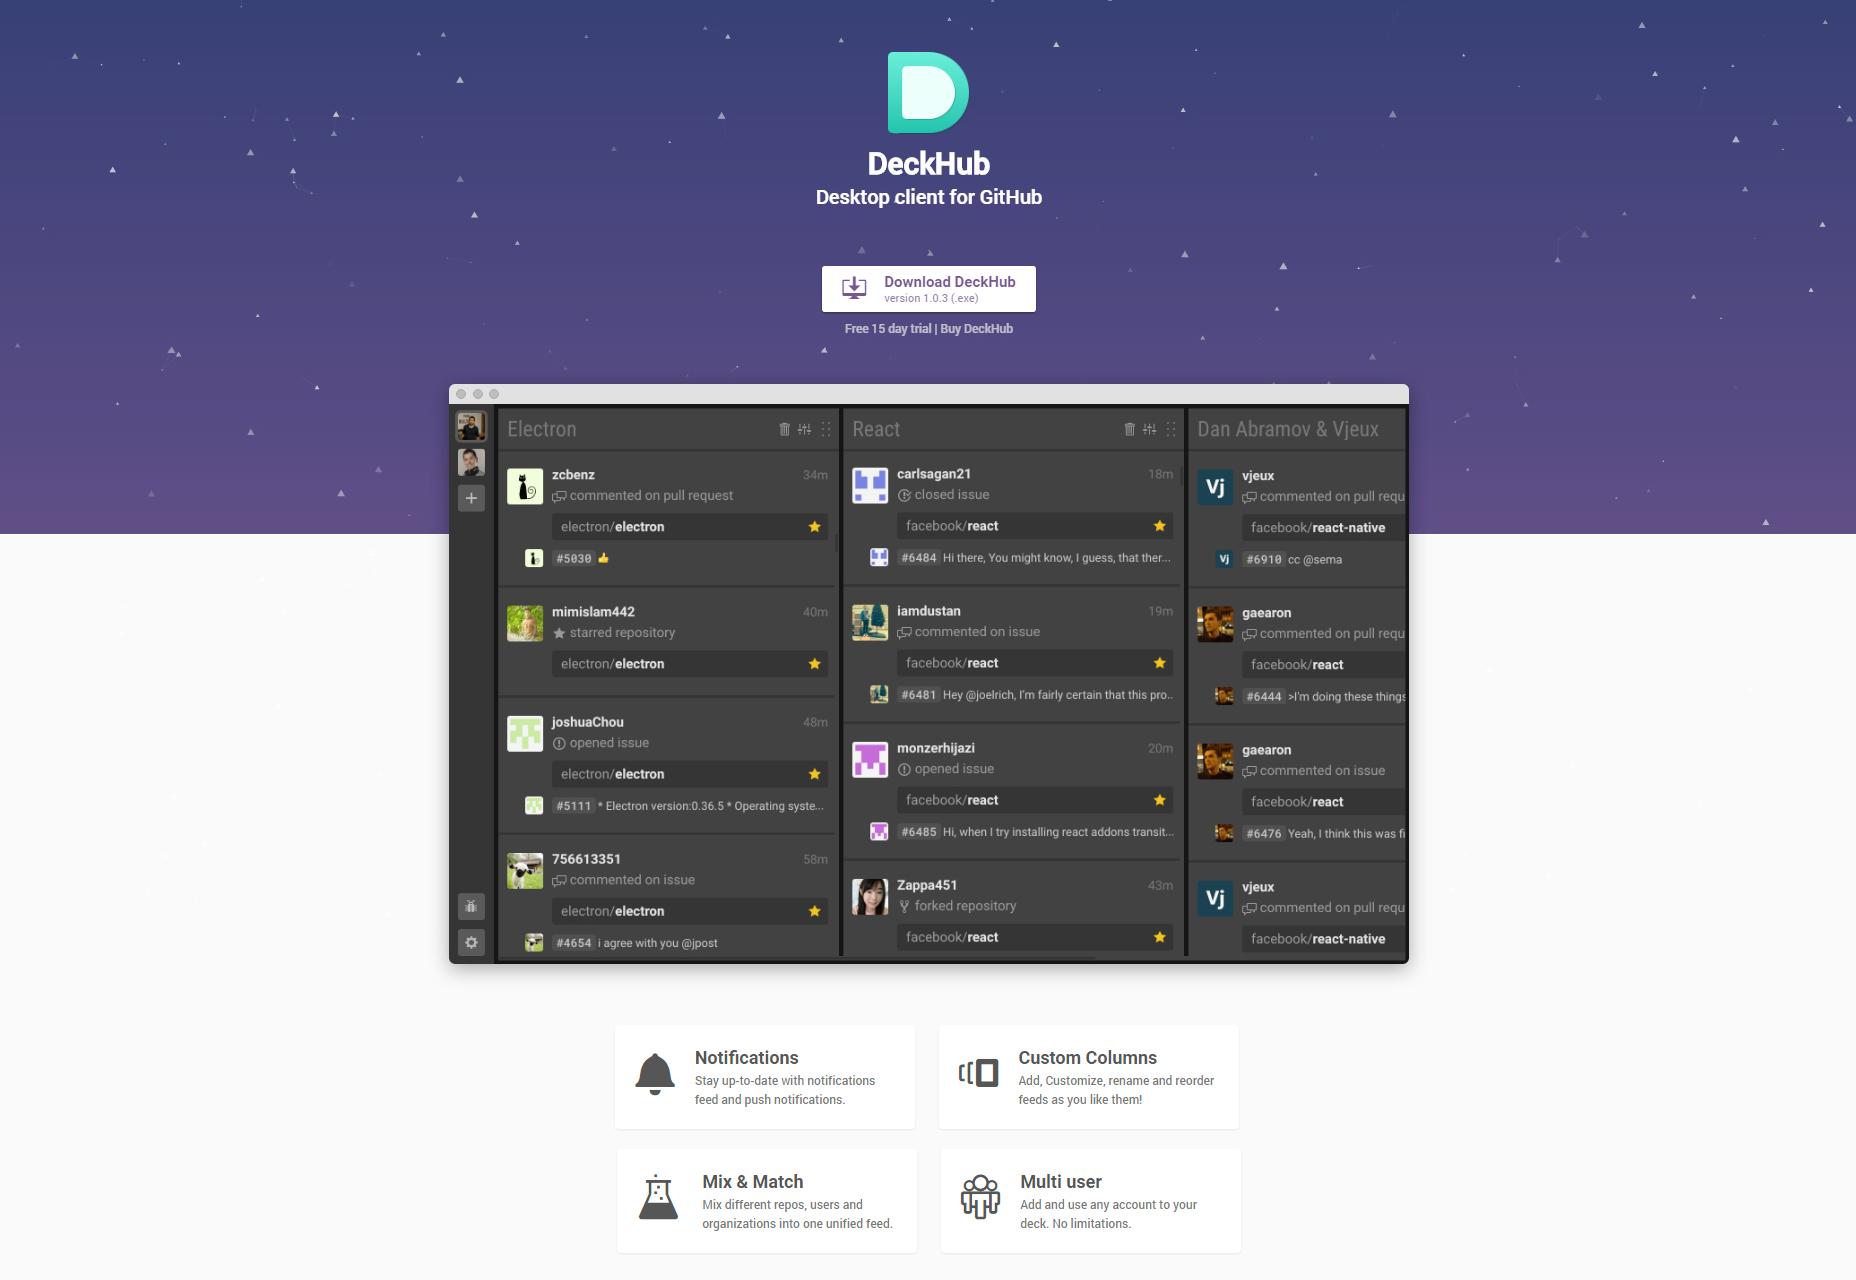 DeckHub: Desktop Client for GitHub